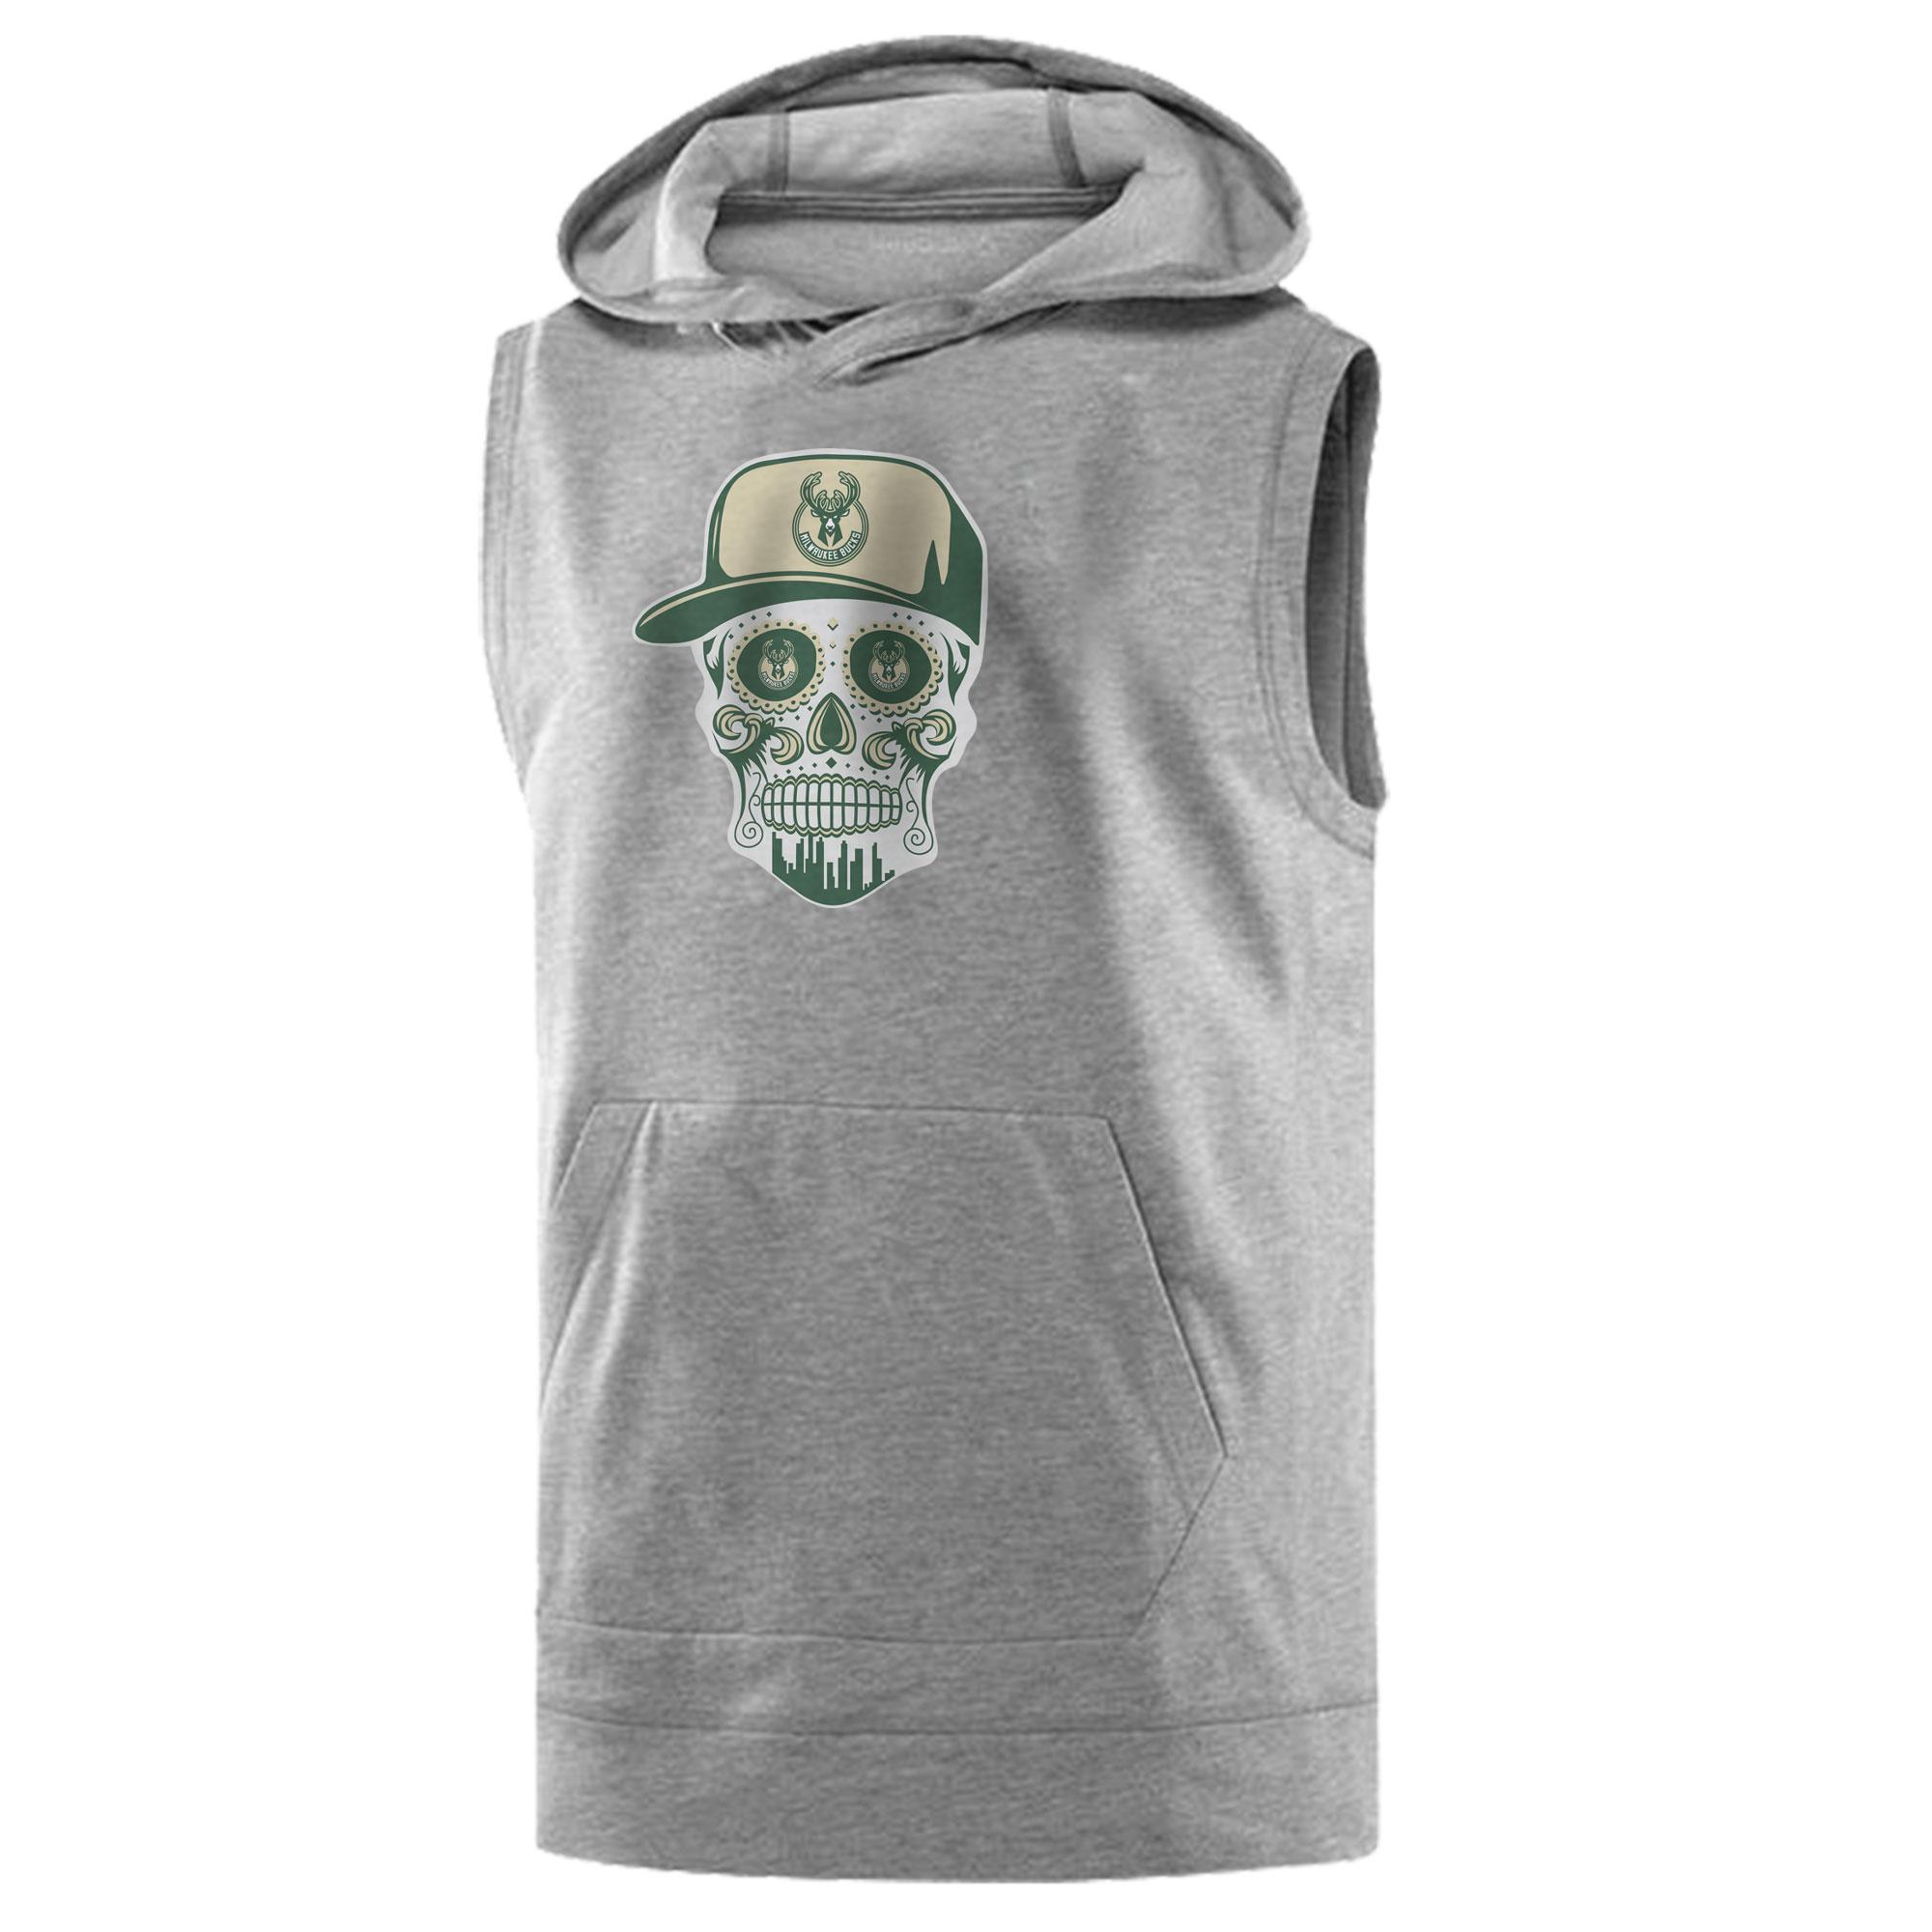 Bucks  Skull Sleeveless (KLS-GRY-NP-446-BUCKS-SKULL)